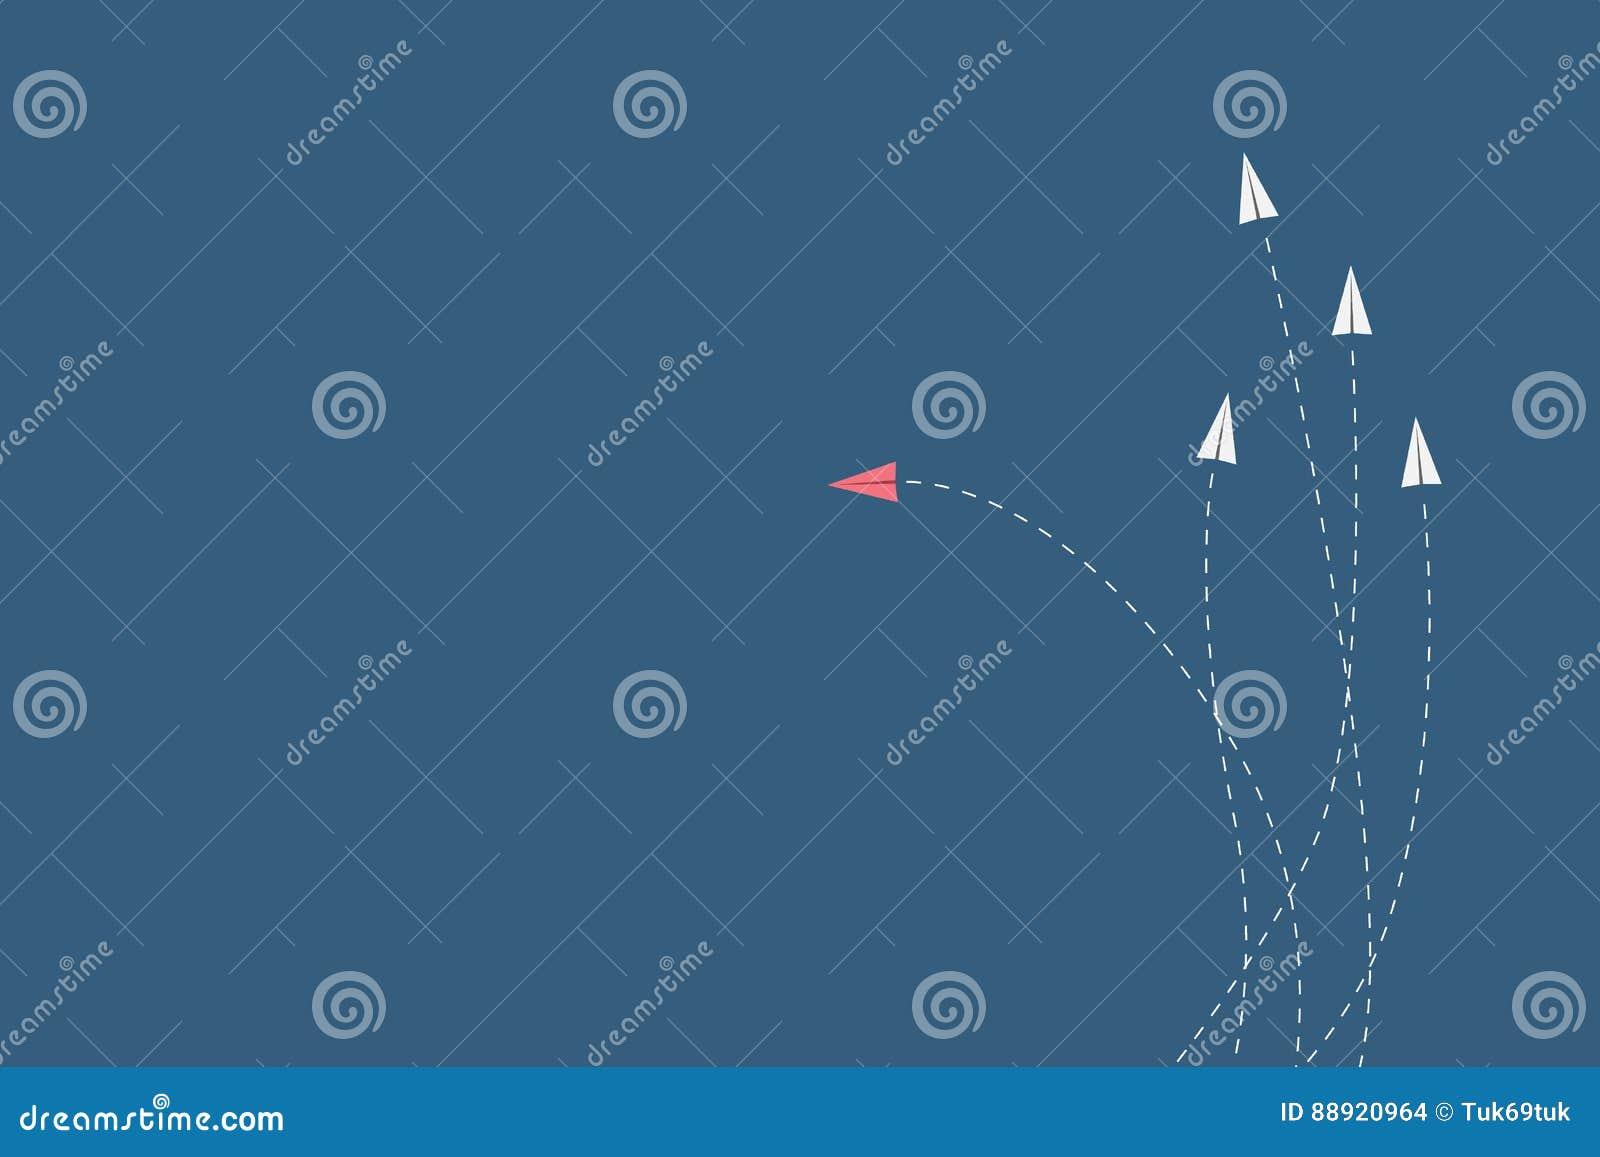 Dirección cambiante y blanco del aeroplano rojo unos Nueva idea, cambio, tendencia, valor, solución creativa, innovación a